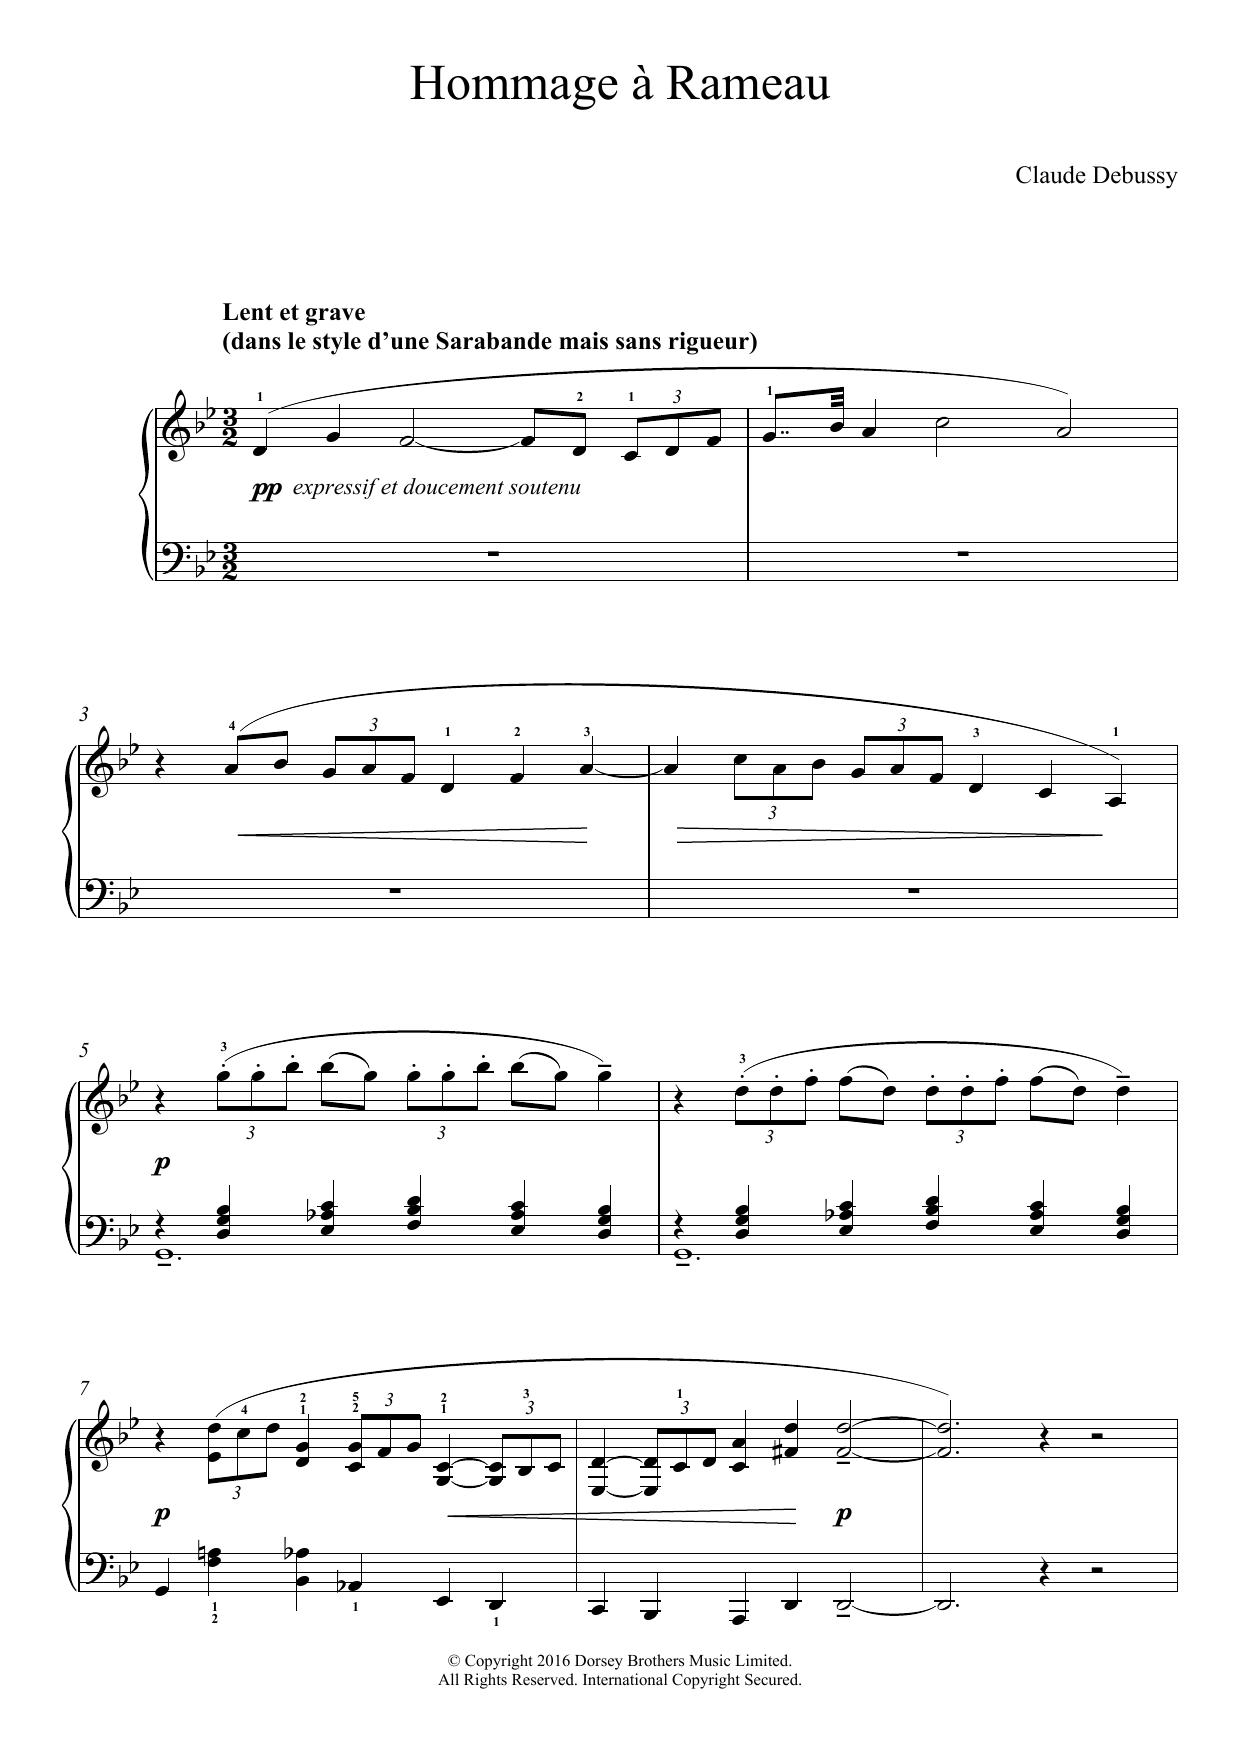 Hommage a Rameau Sheet Music